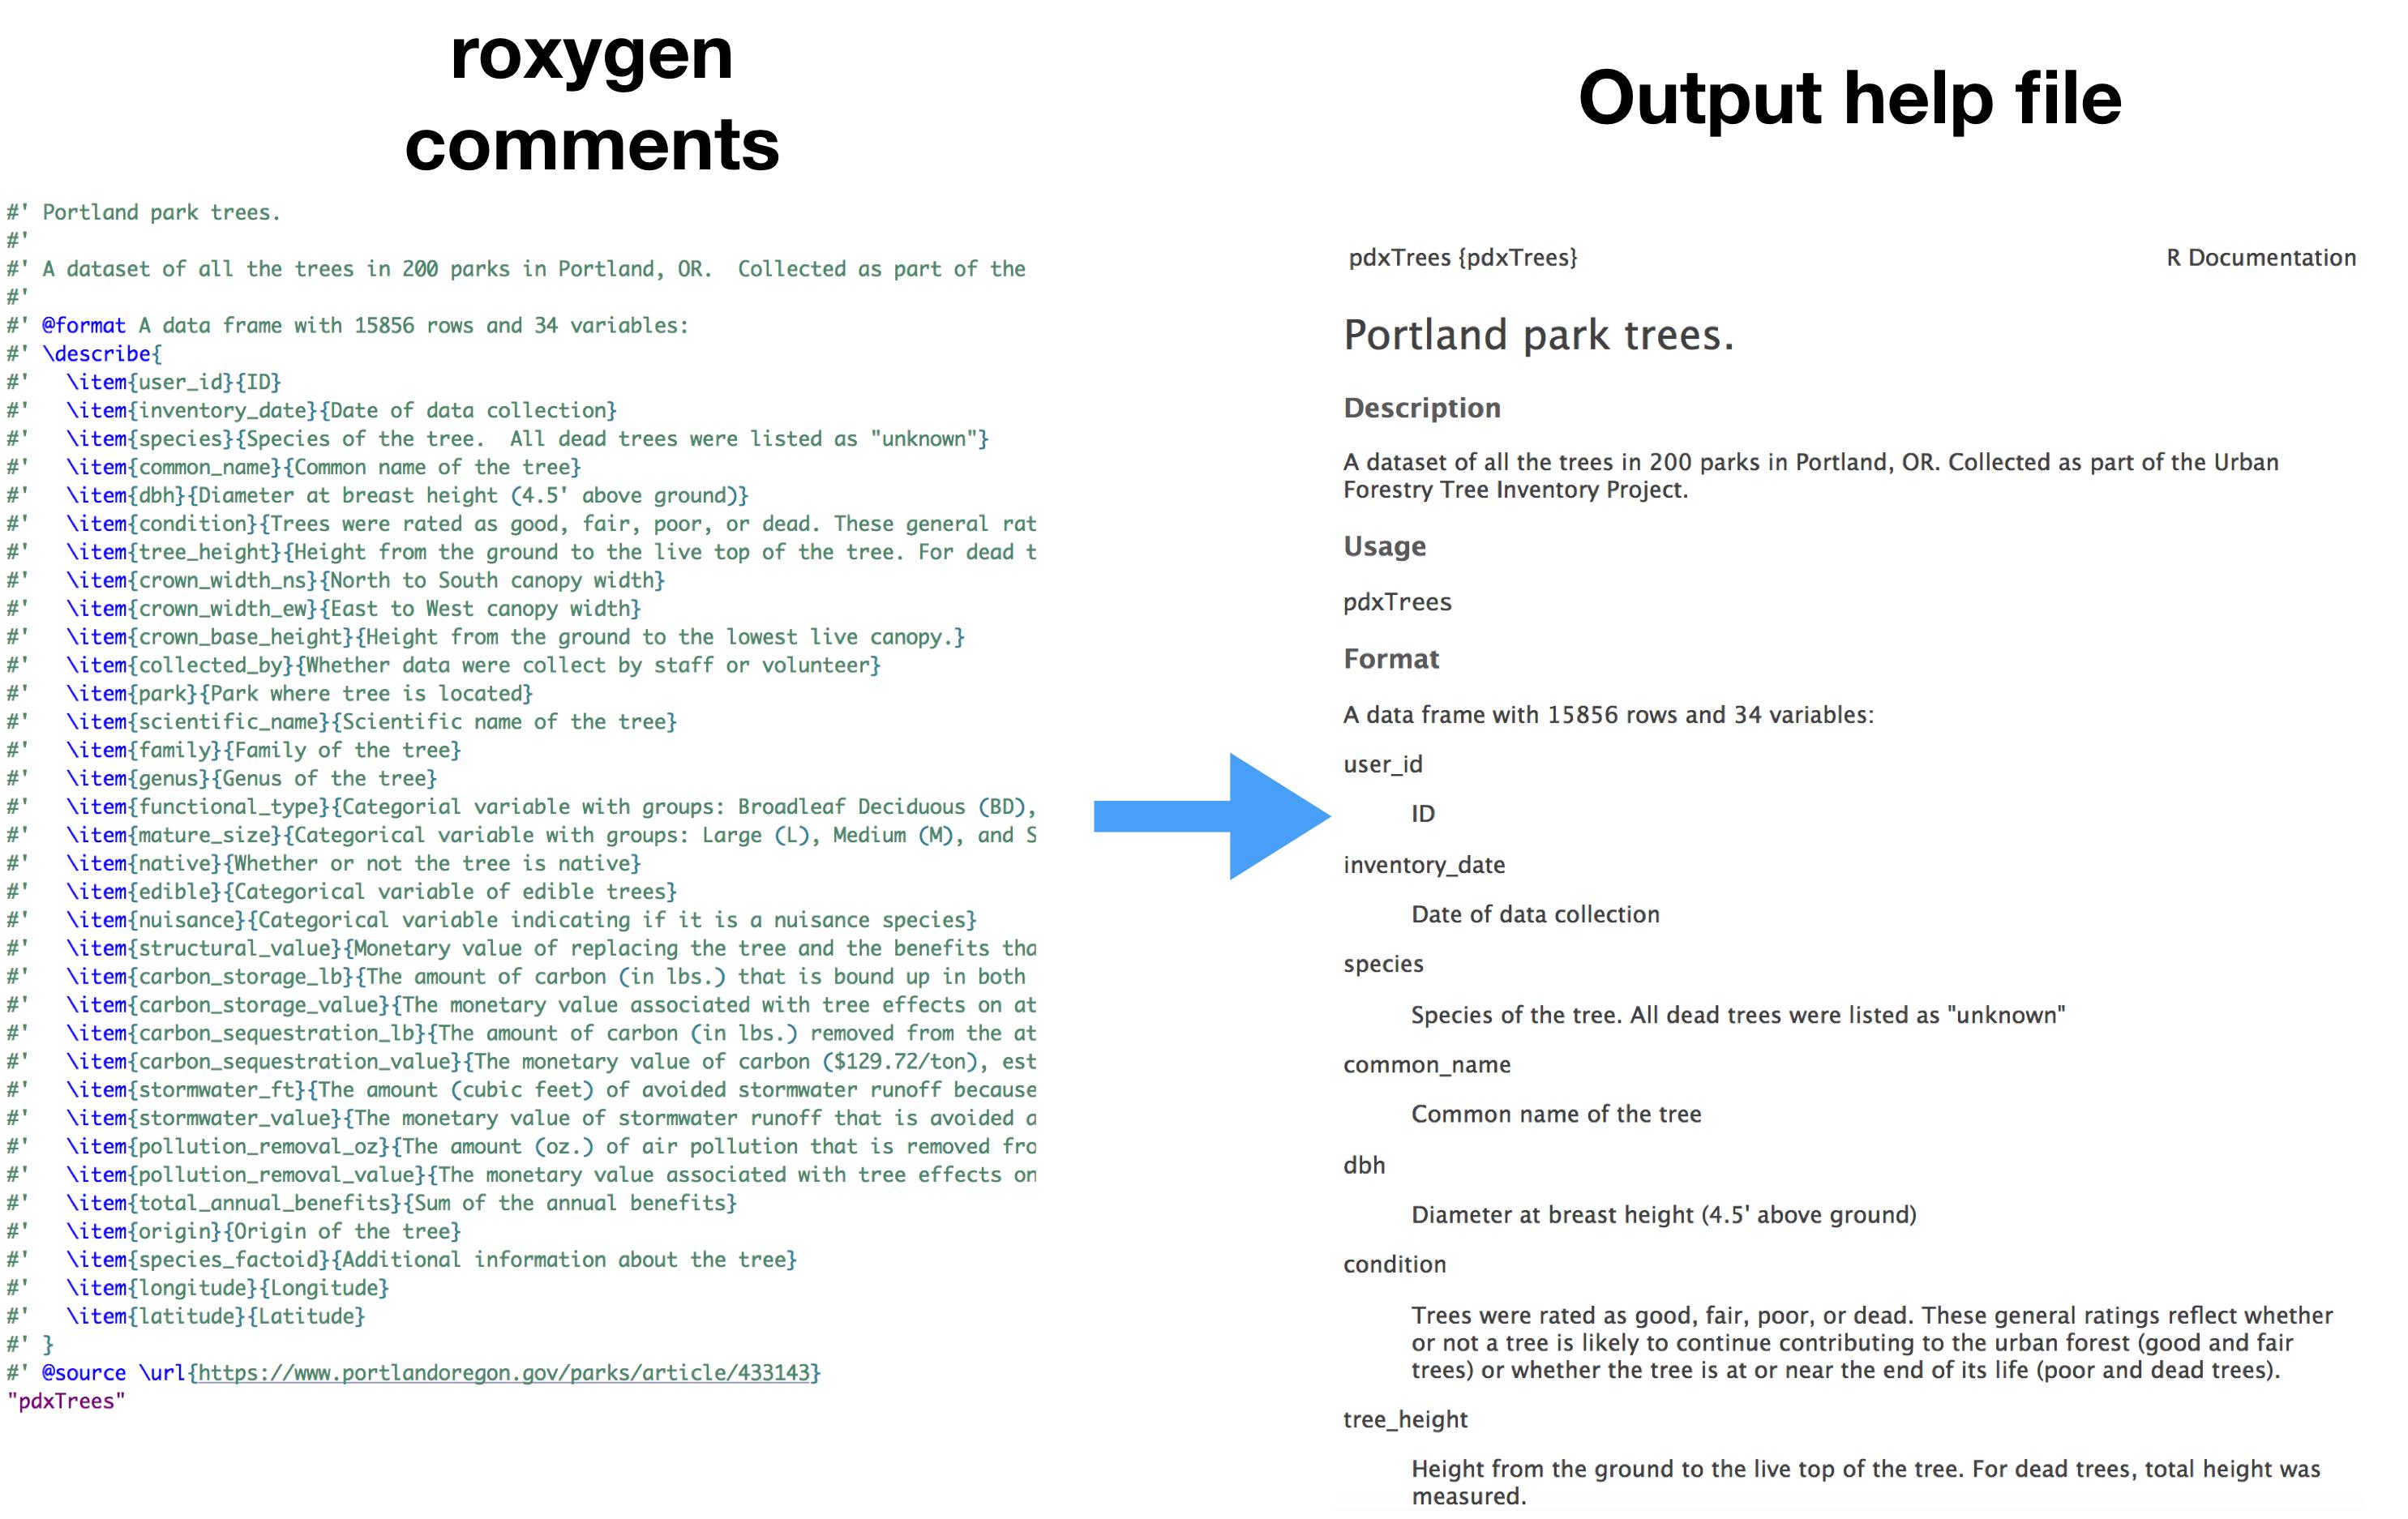 roxygen_help_file